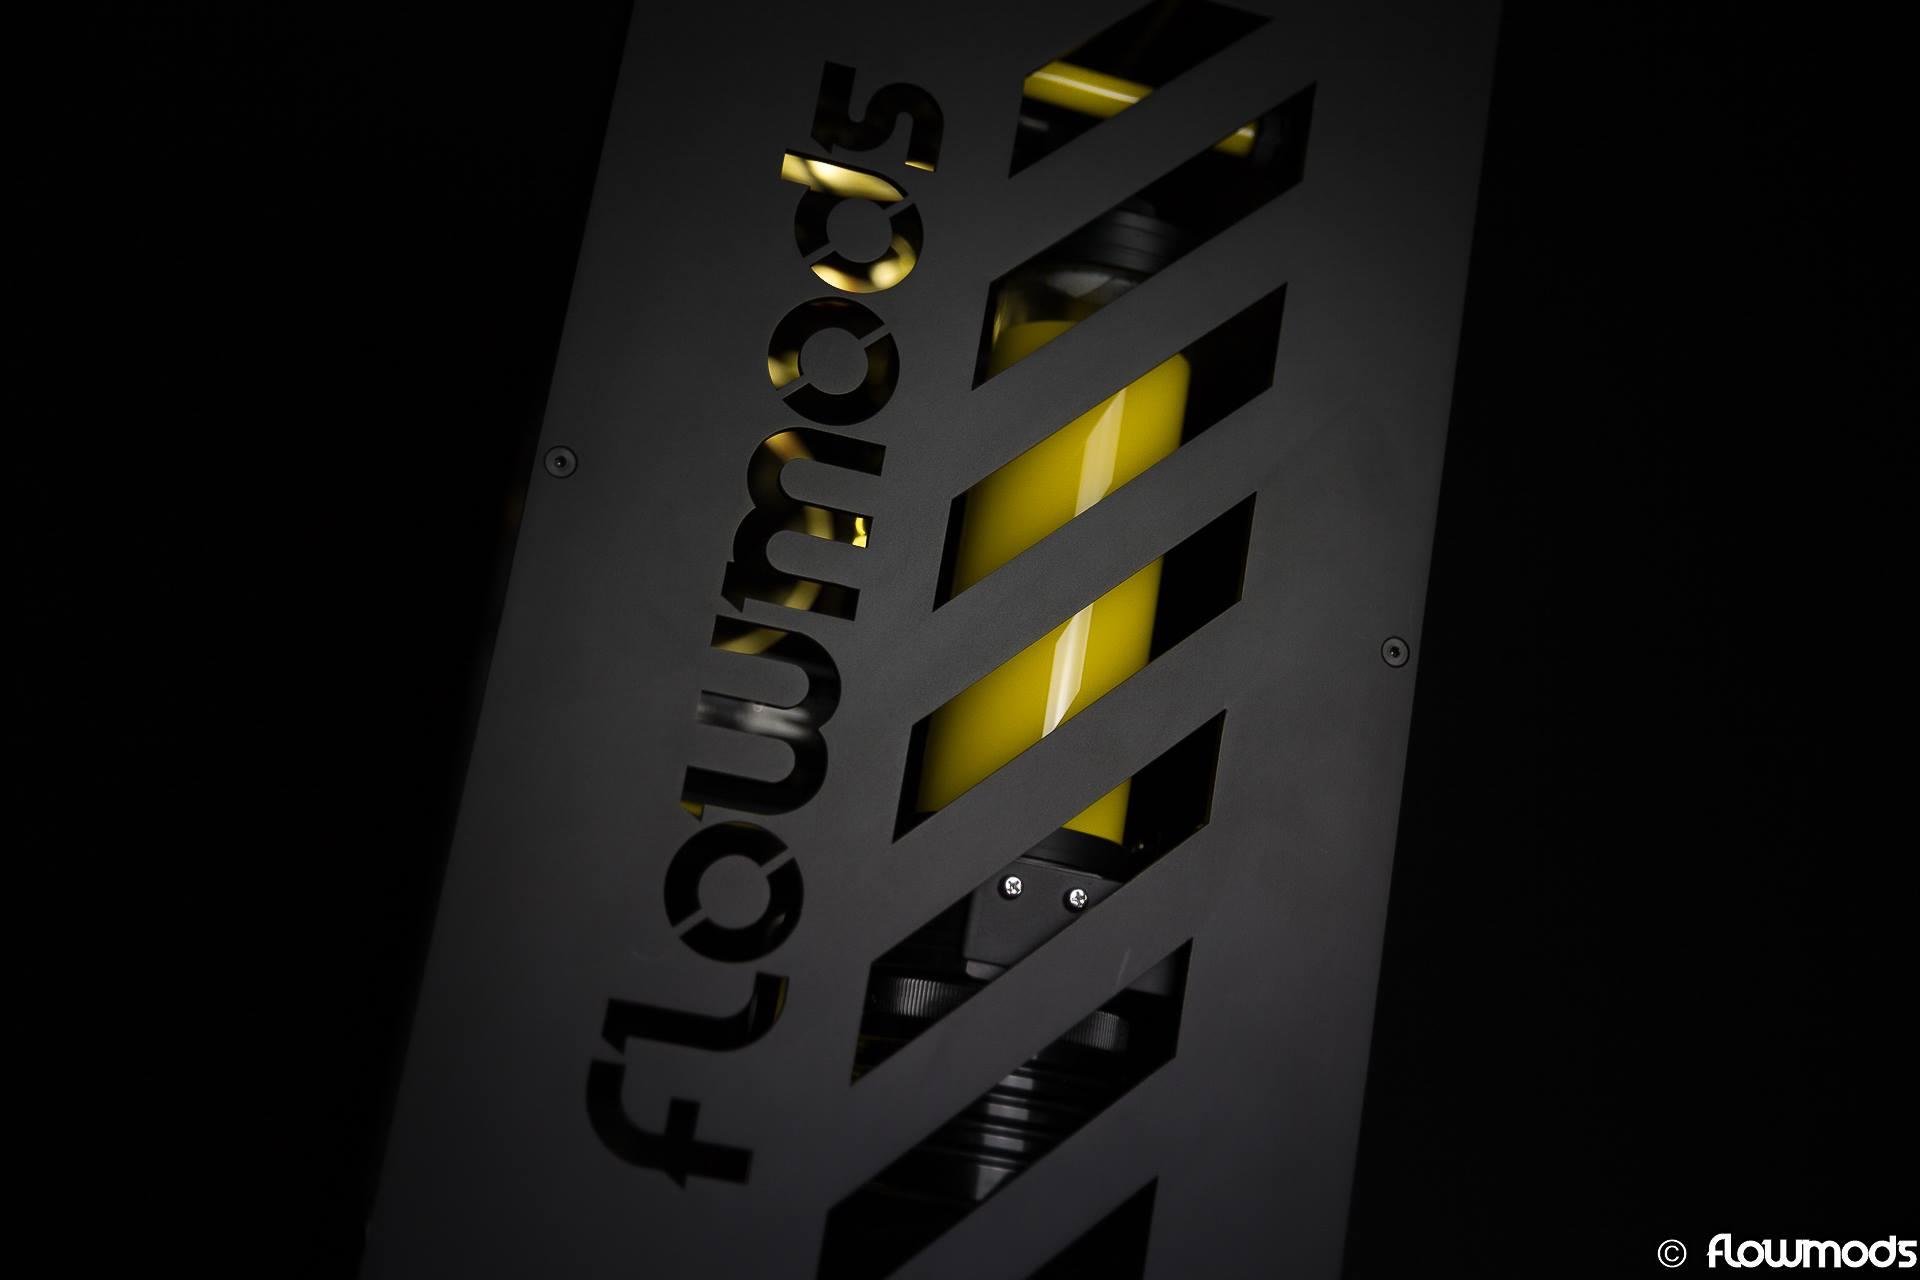 Rig du jour : Project Thunder par FlowMods